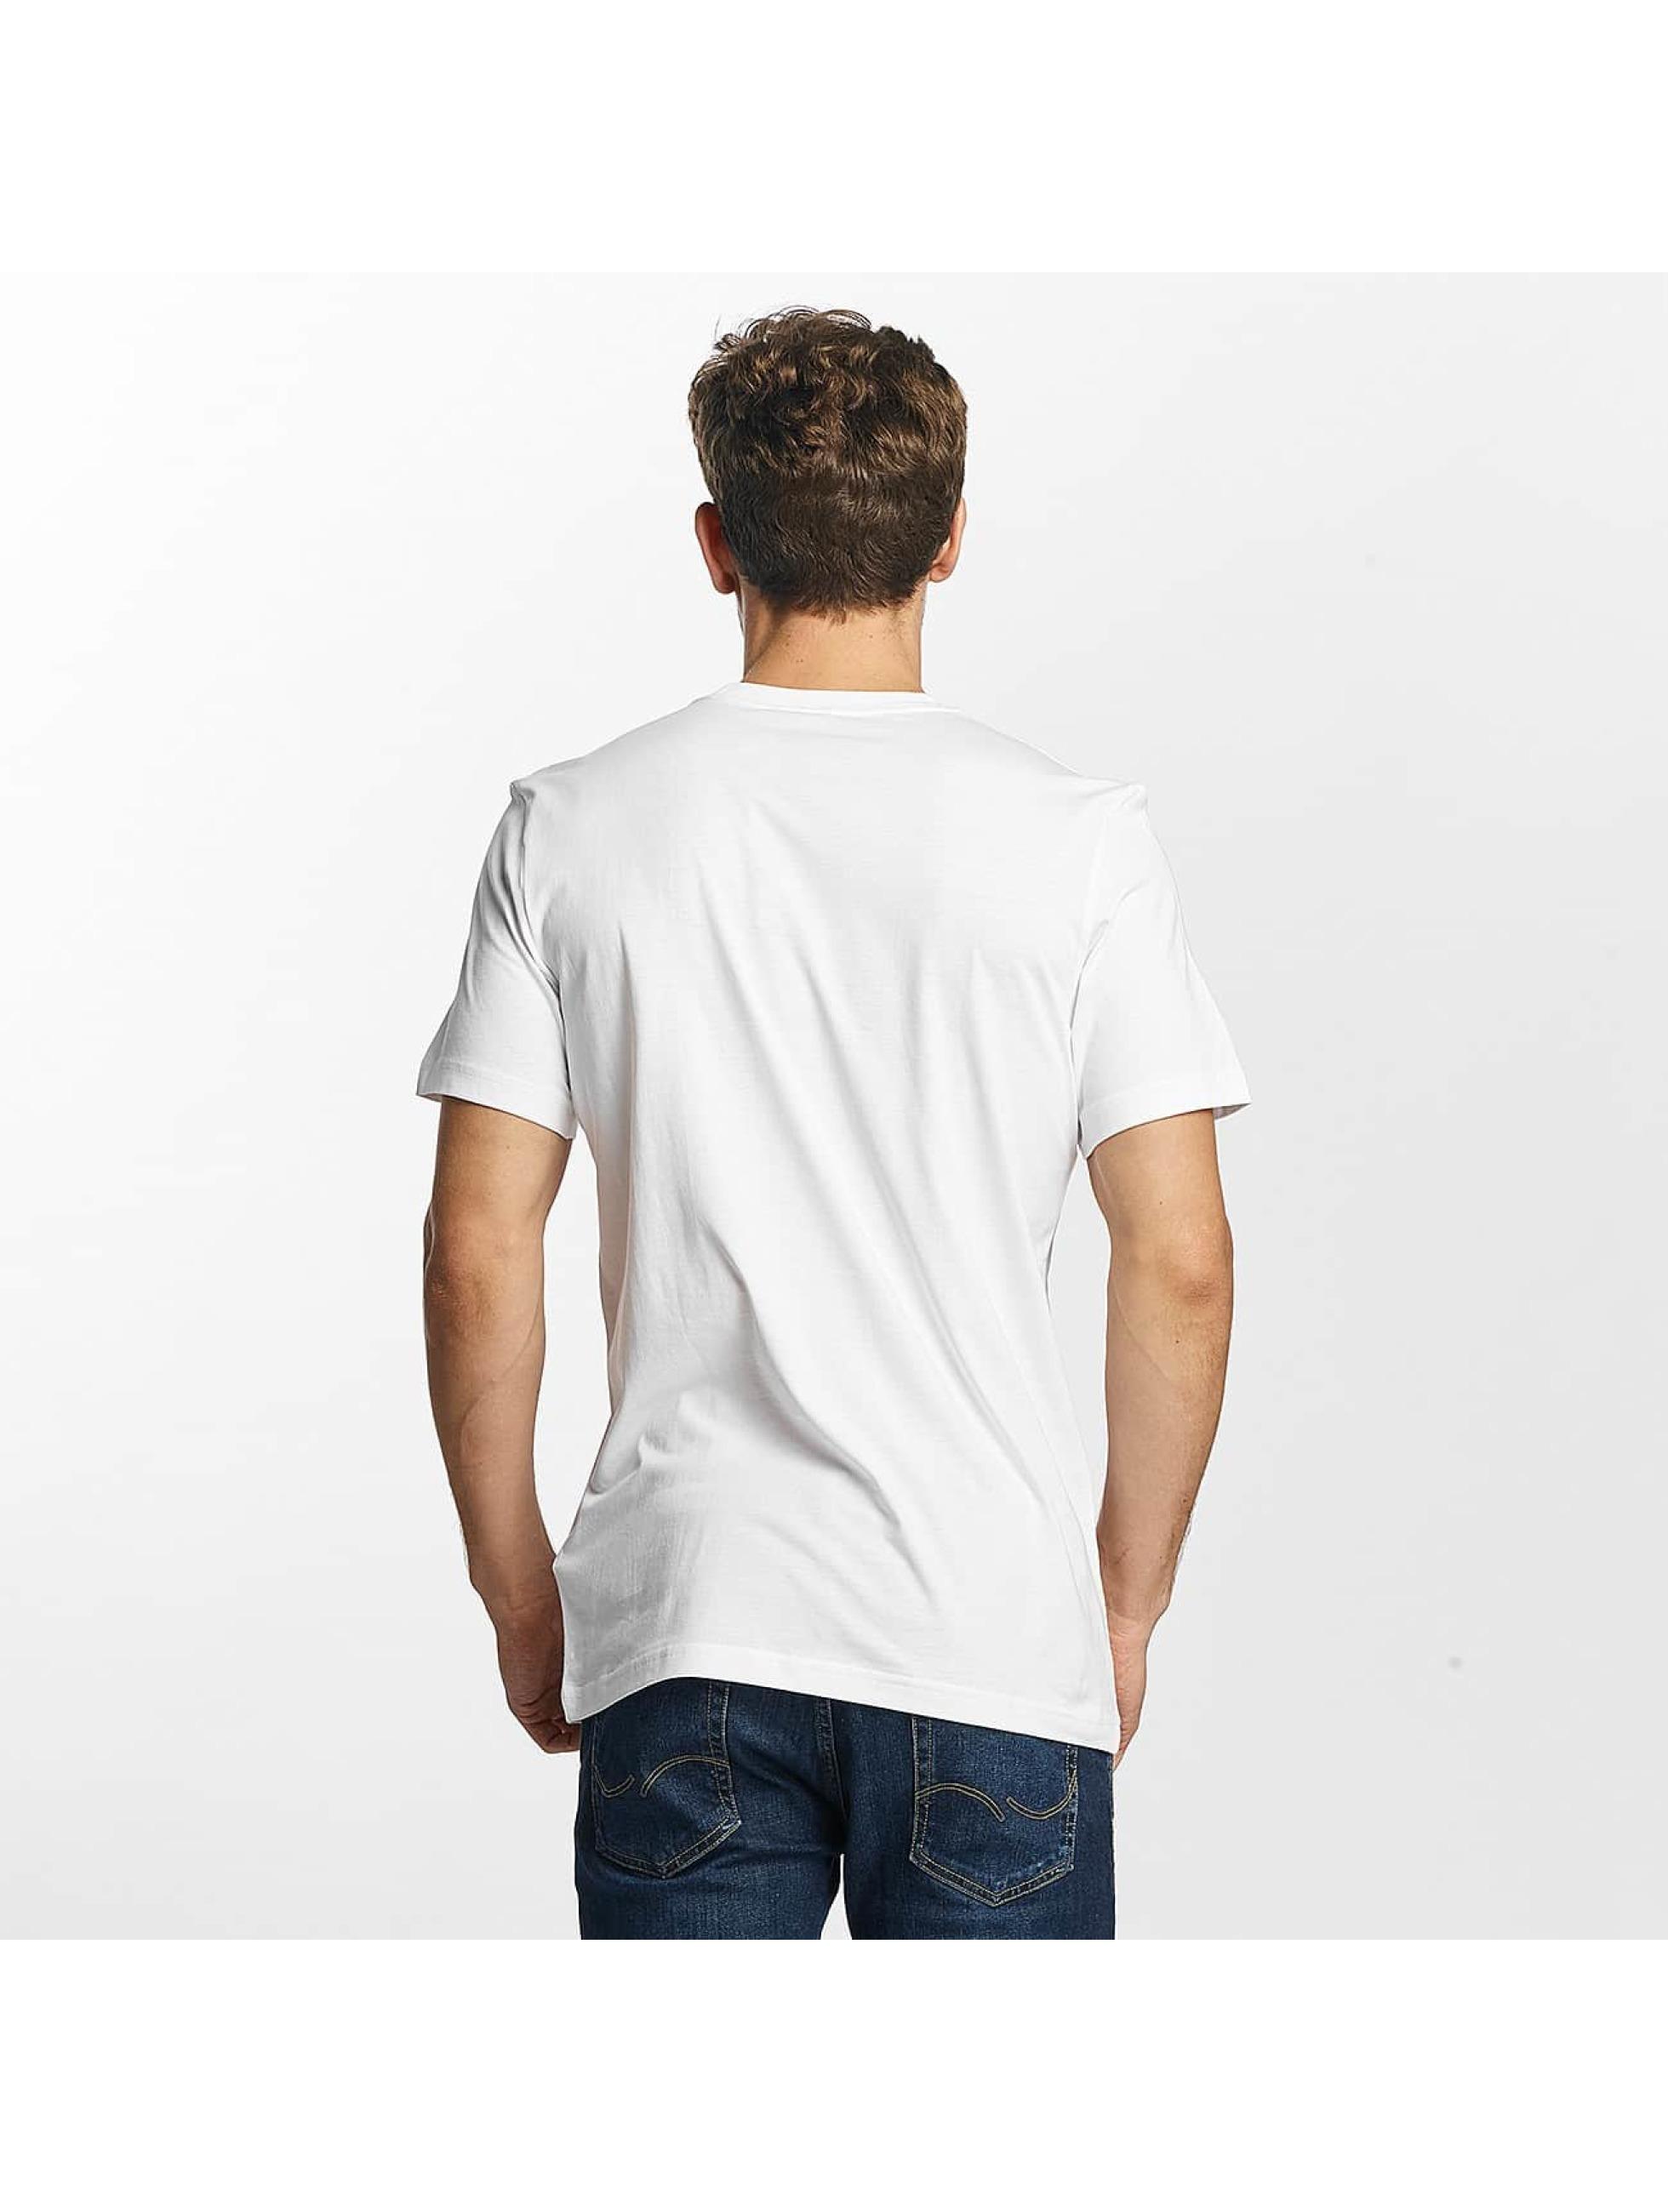 adidas originals T-Shirty Tongue Label 1 bialy